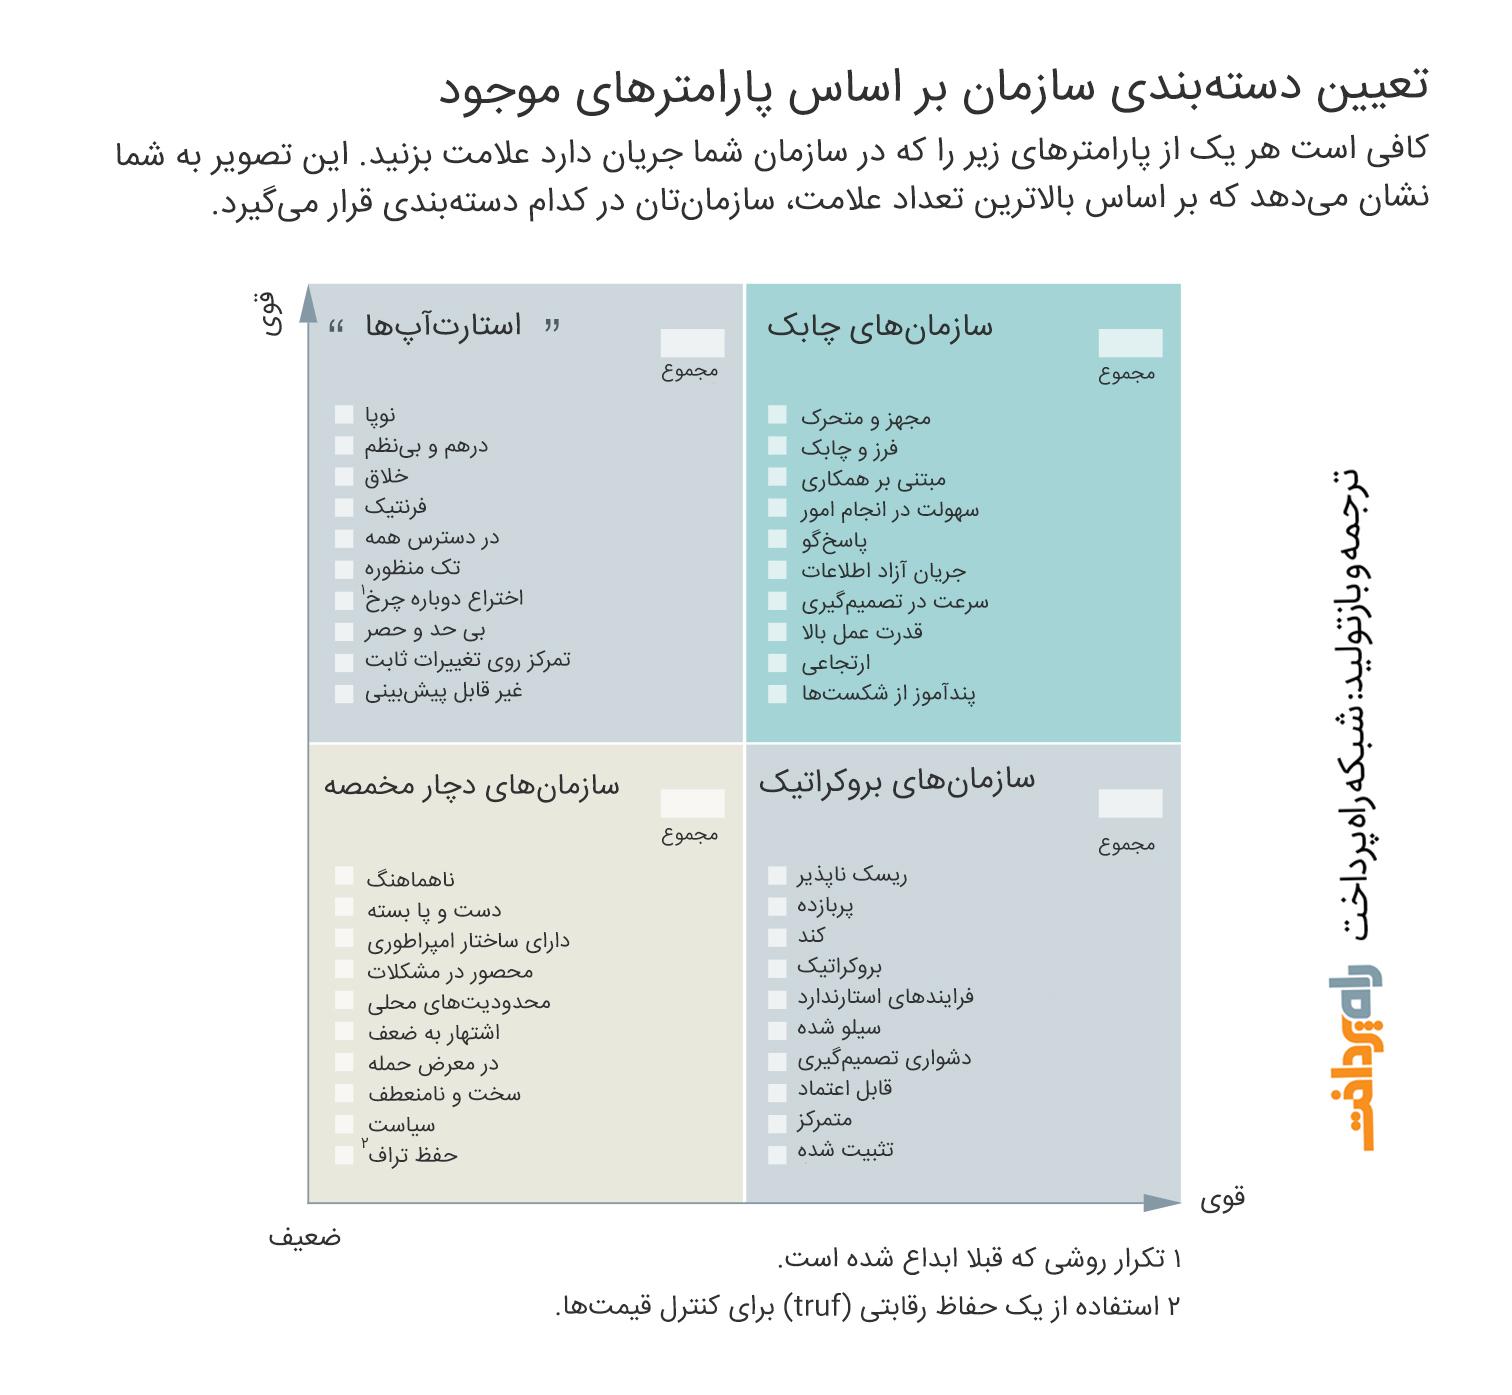 سازمانهای چابک